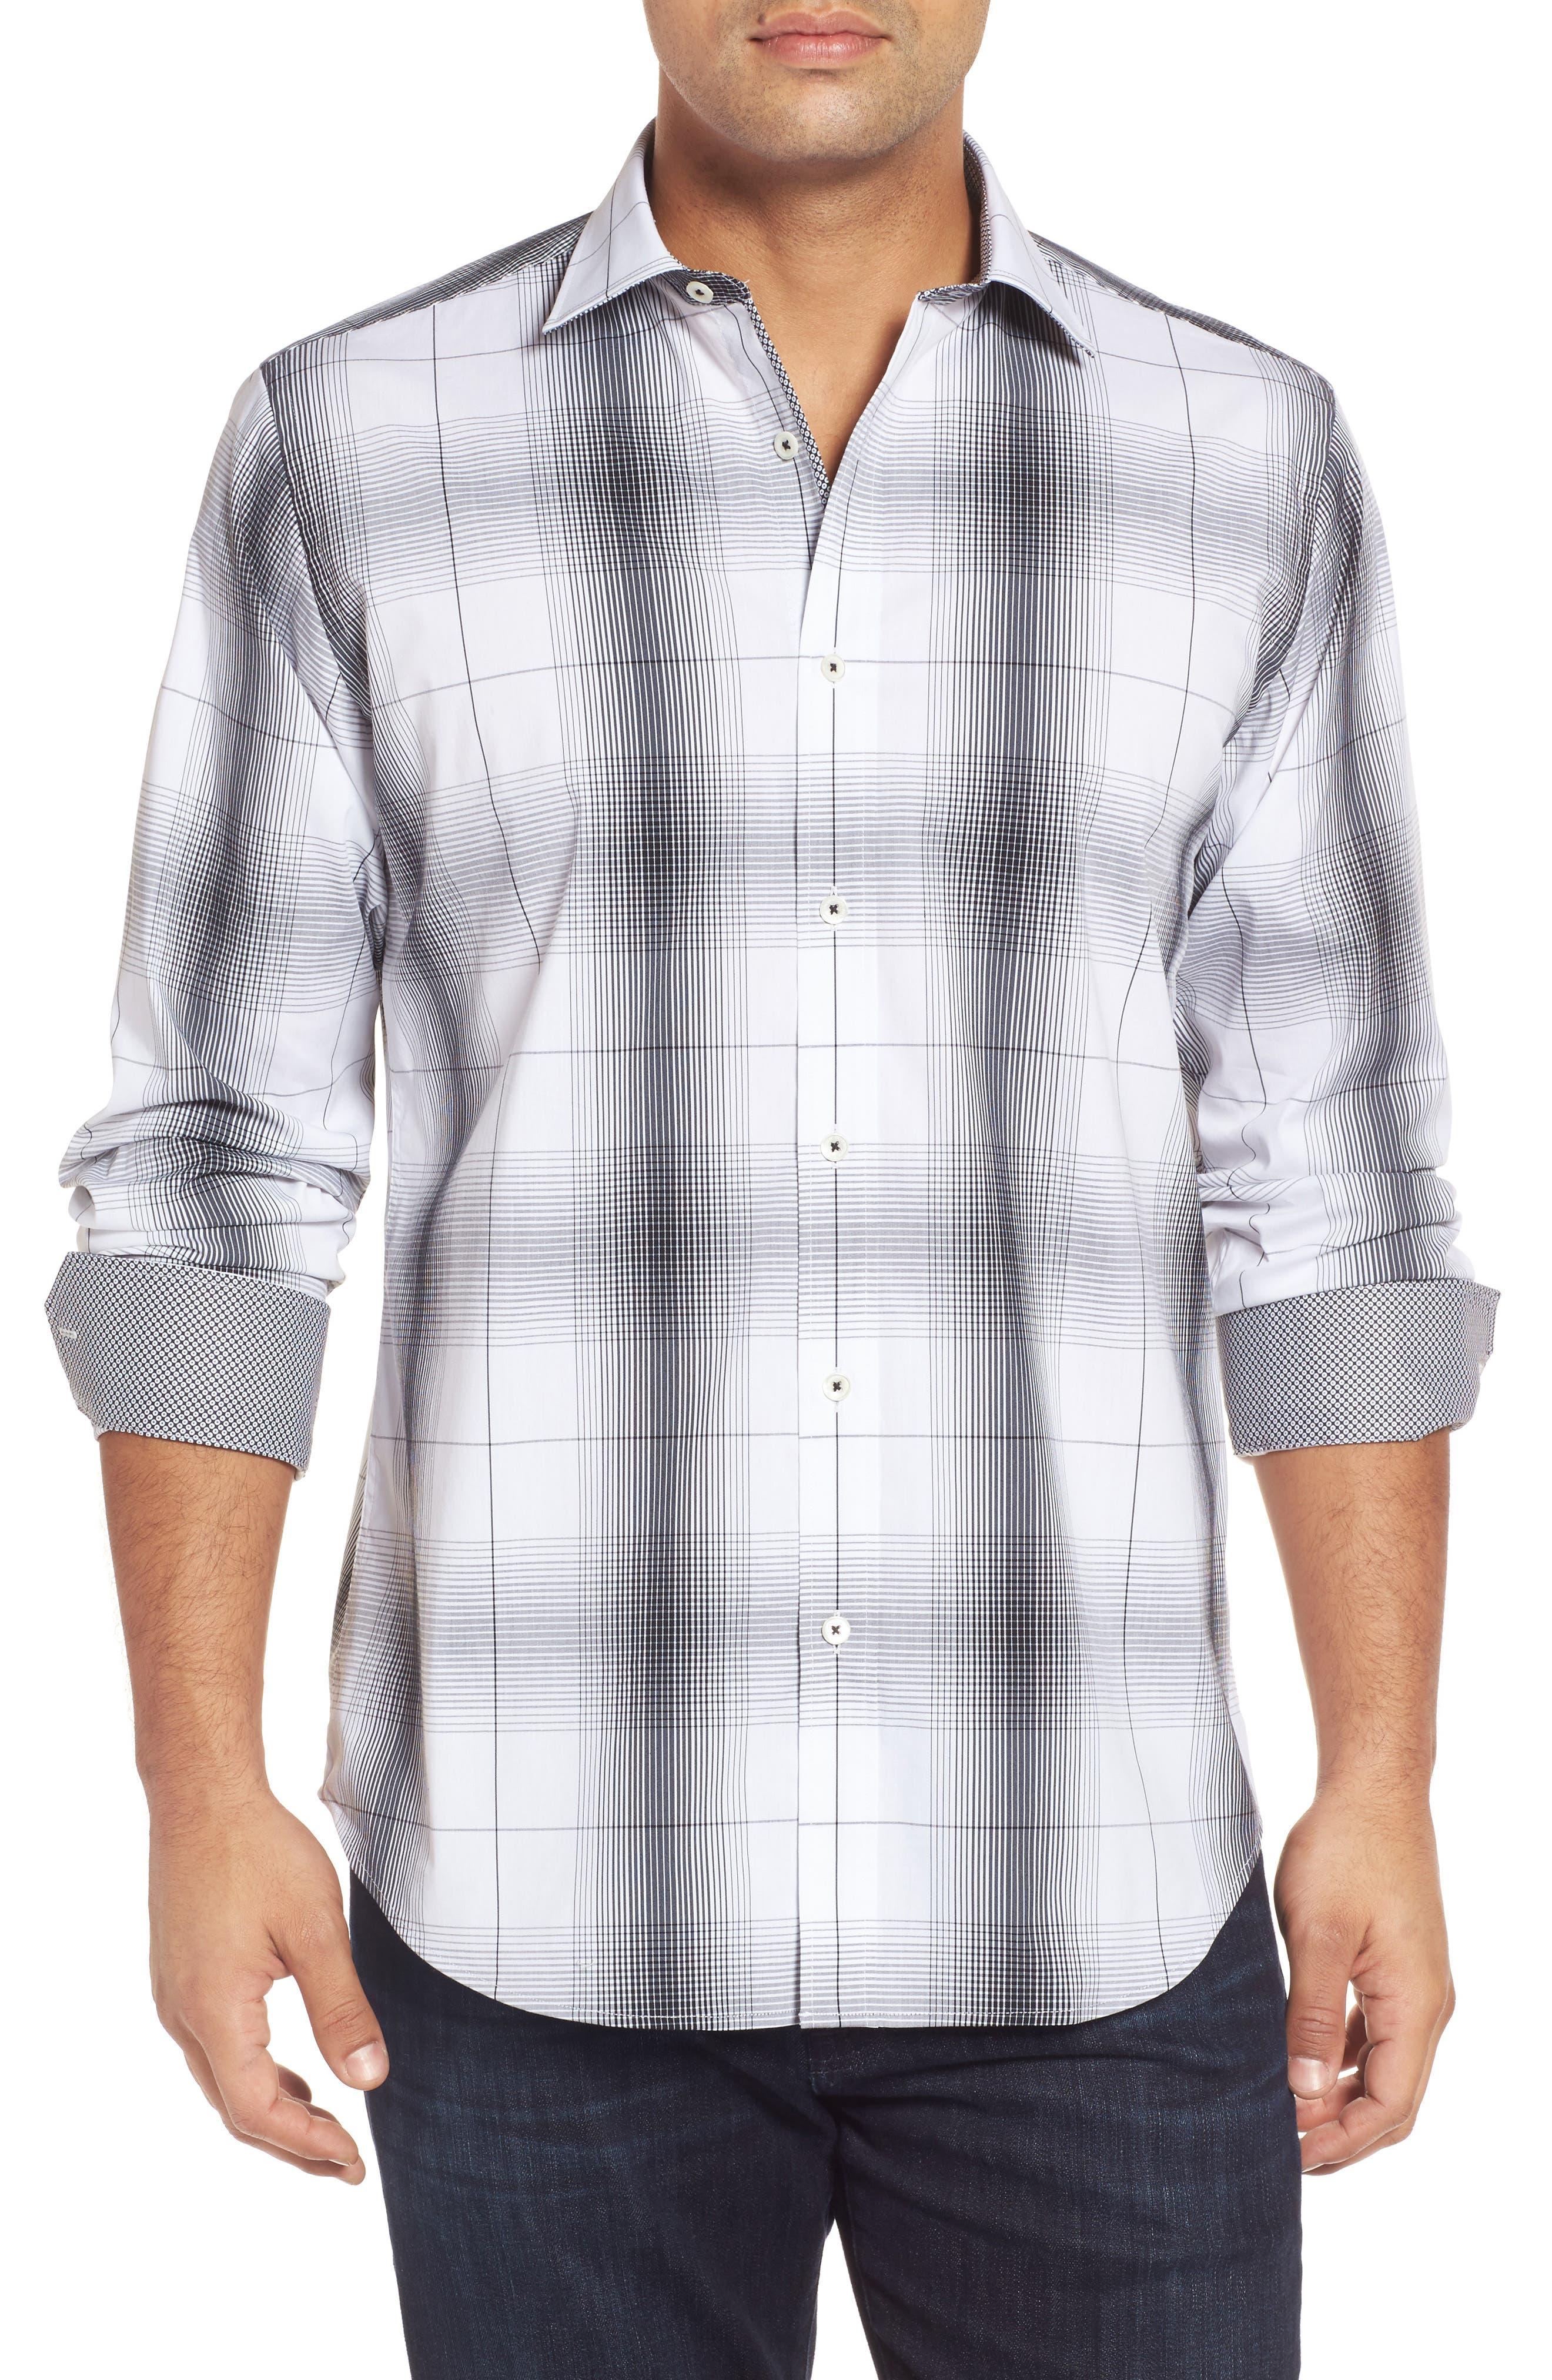 Main Image - Bugatchi Classic Fit Ombré Plaid Sport Shirt